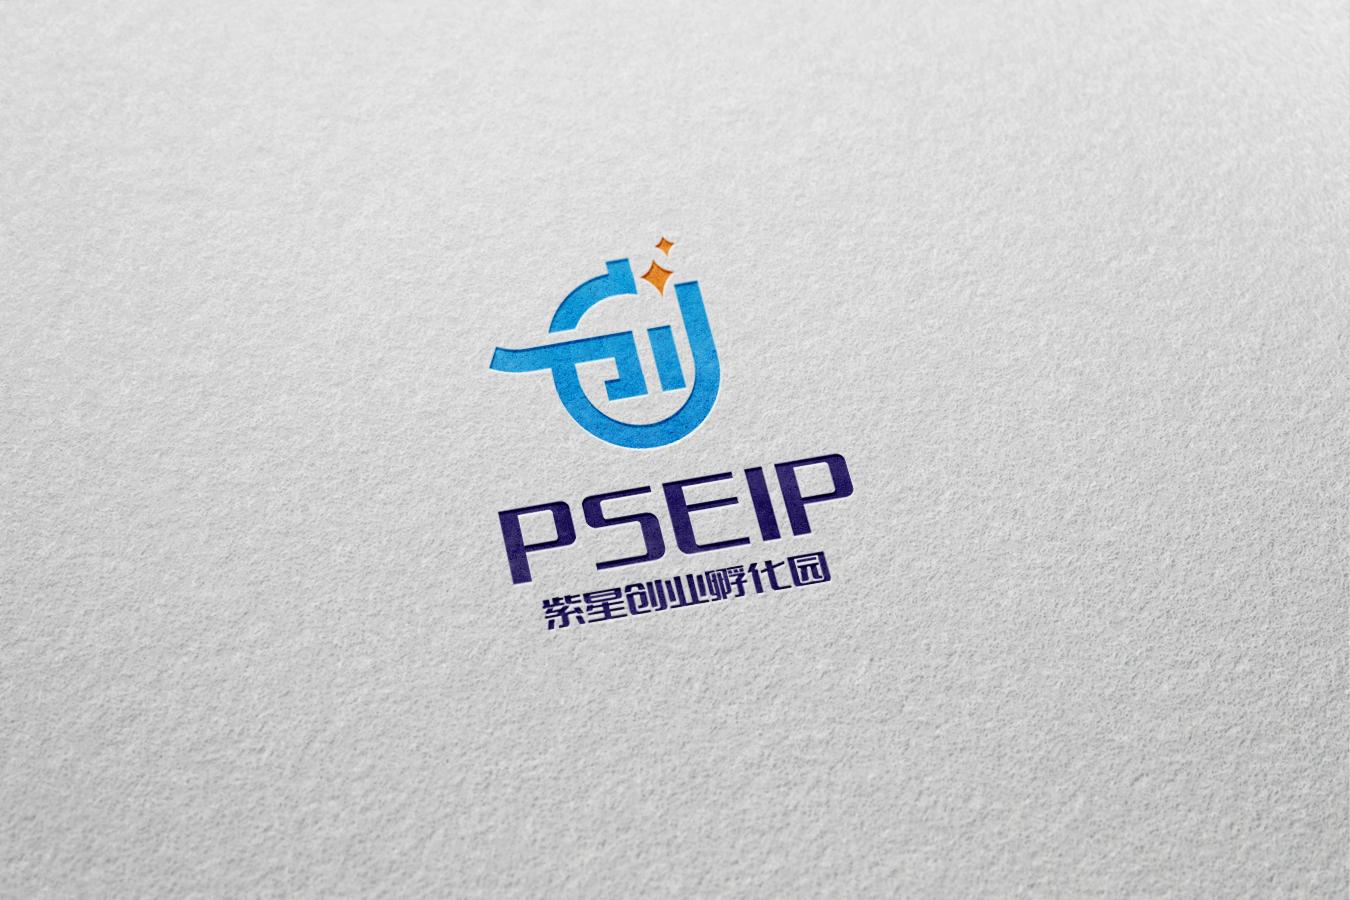 紫星创业孵化园logo设计_2956009_k68威客网